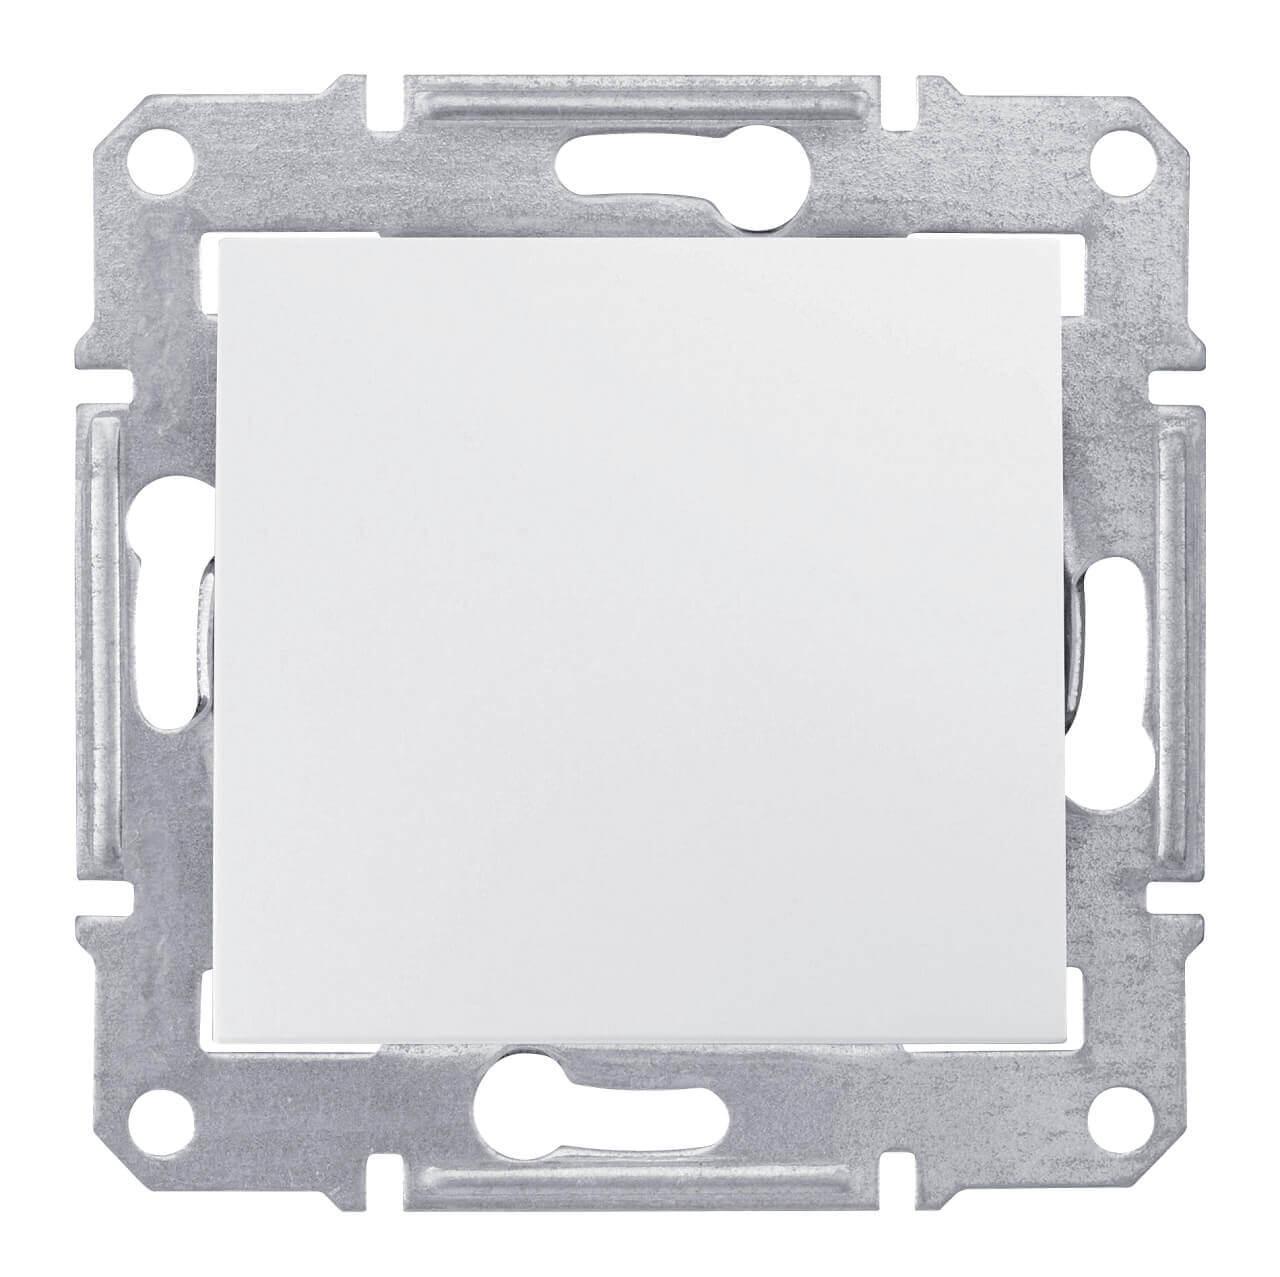 Выключатель Schneider Electric SDN0400121 Sedna переключатель одноклавишный schneider electric sedna 10a 250v sdn0400170